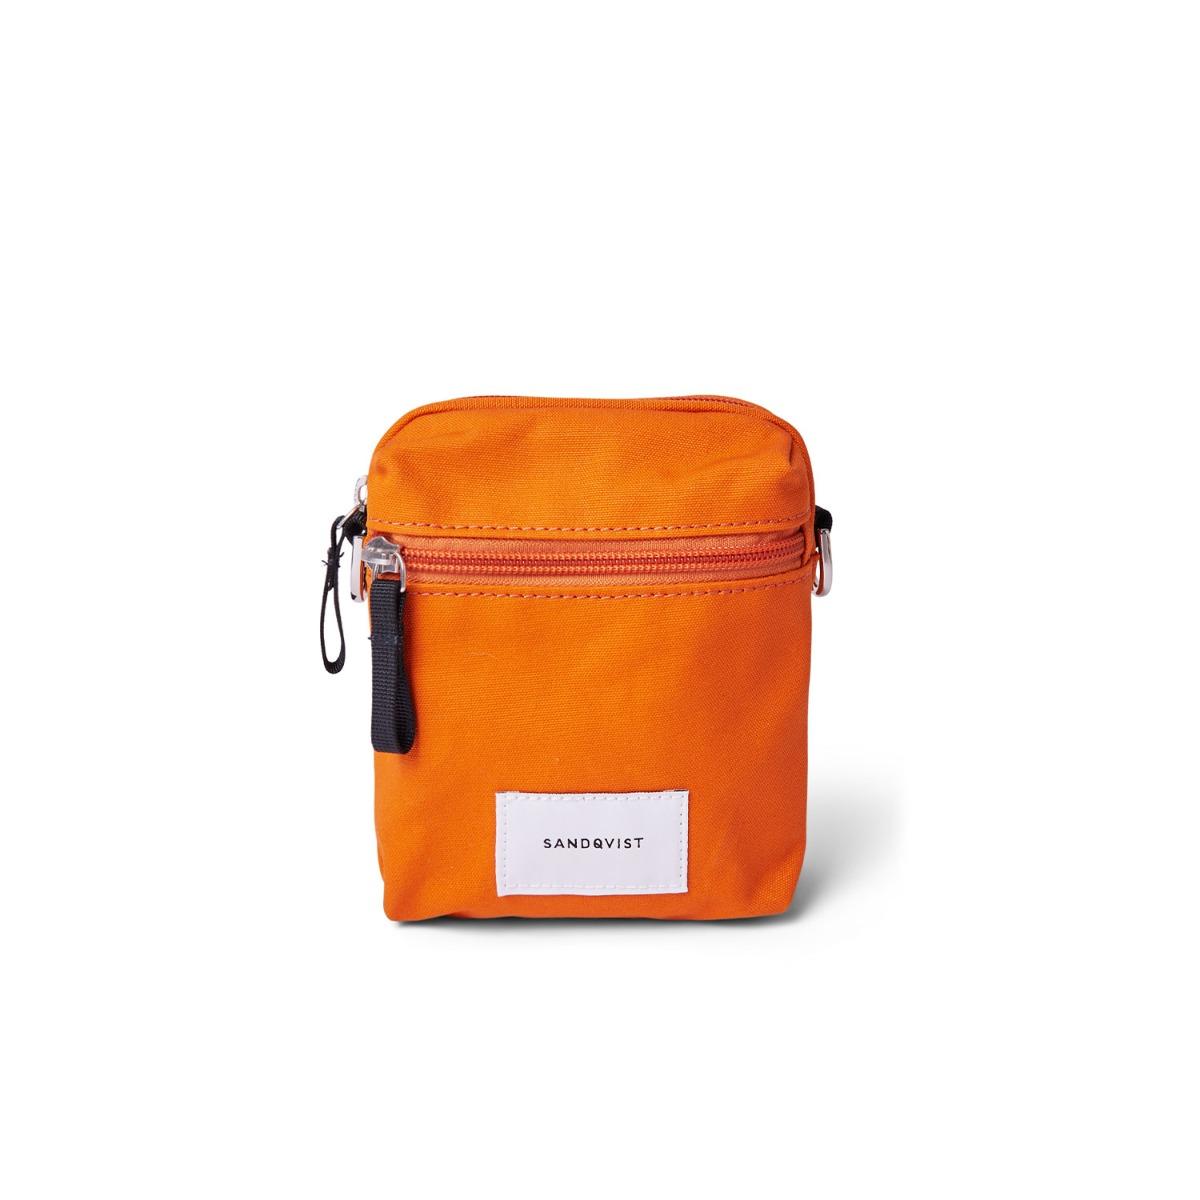 SandqvistAxelväska Sixten Vegan Orange